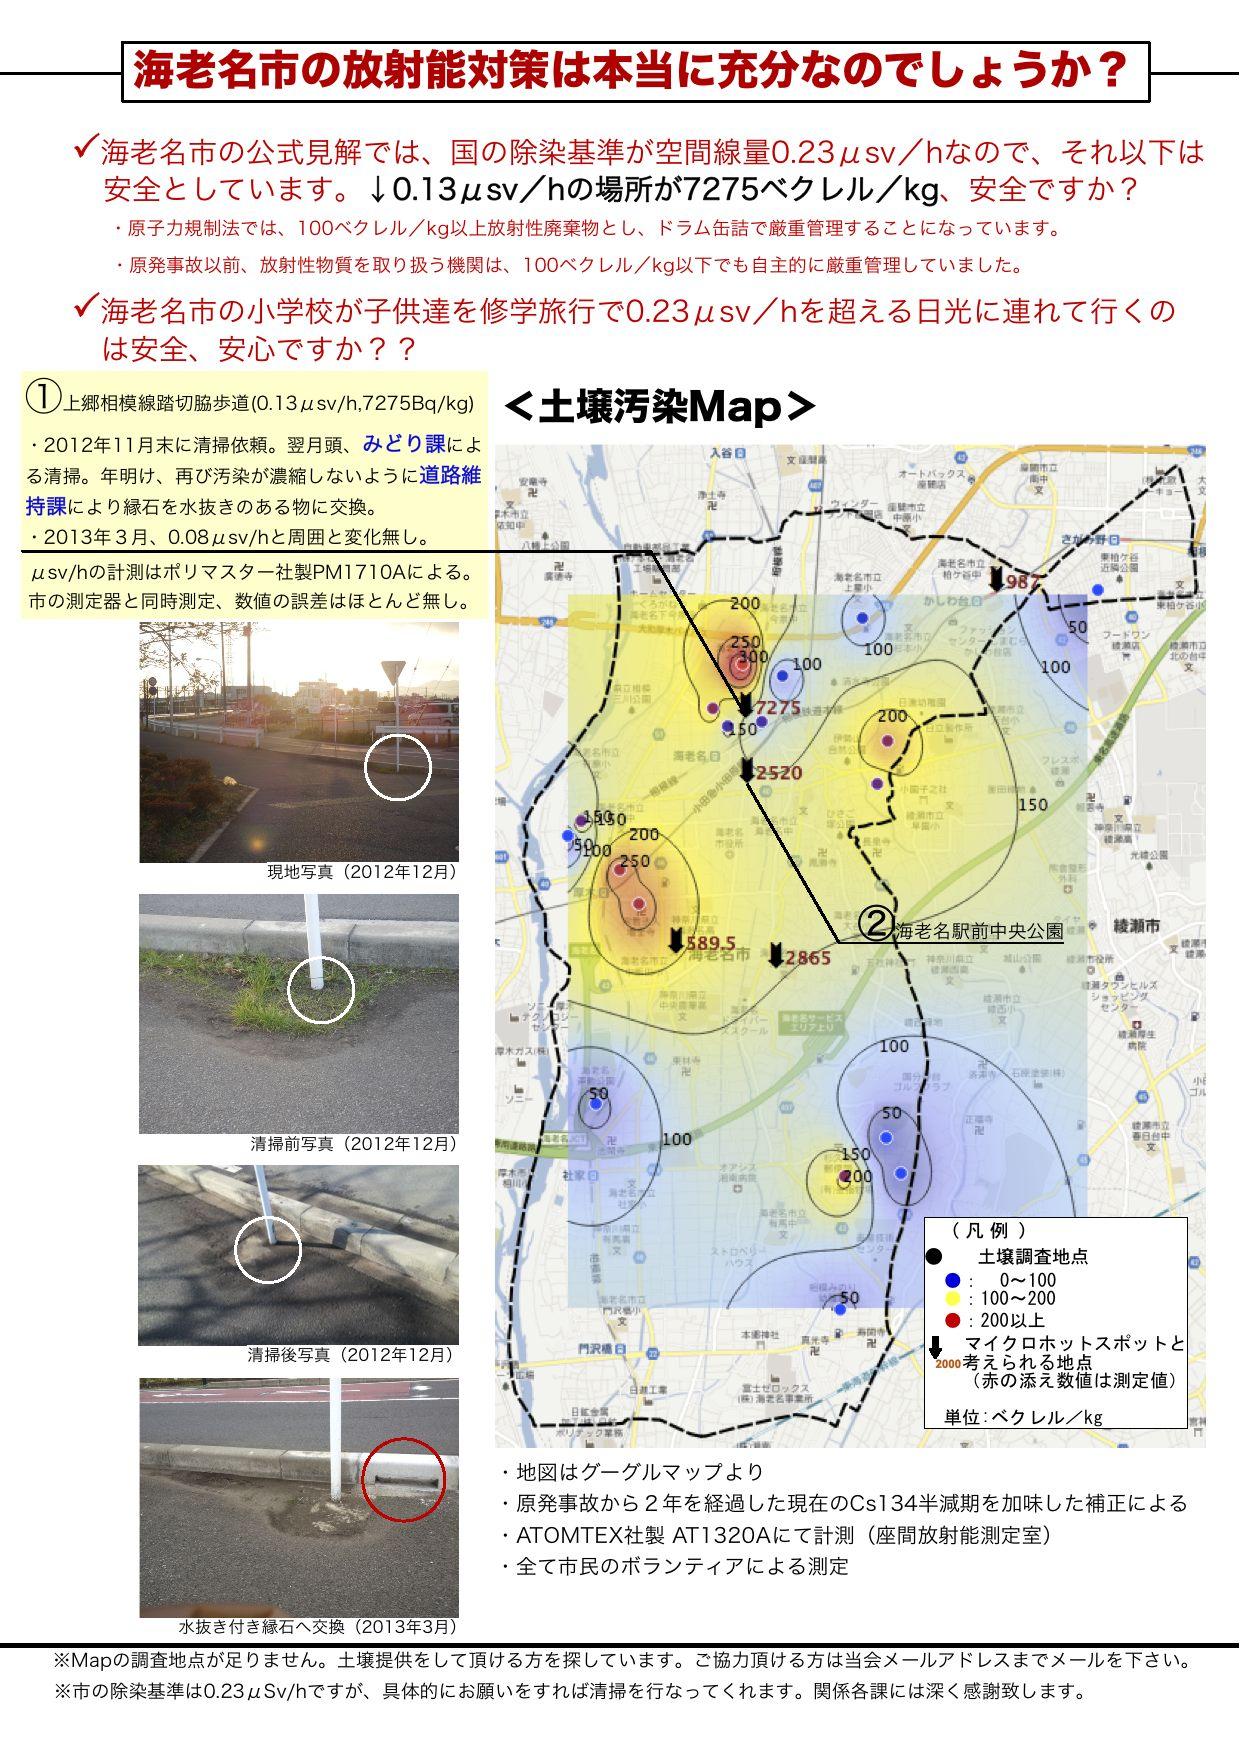 20130518えびなっ子 紙媒体A4①